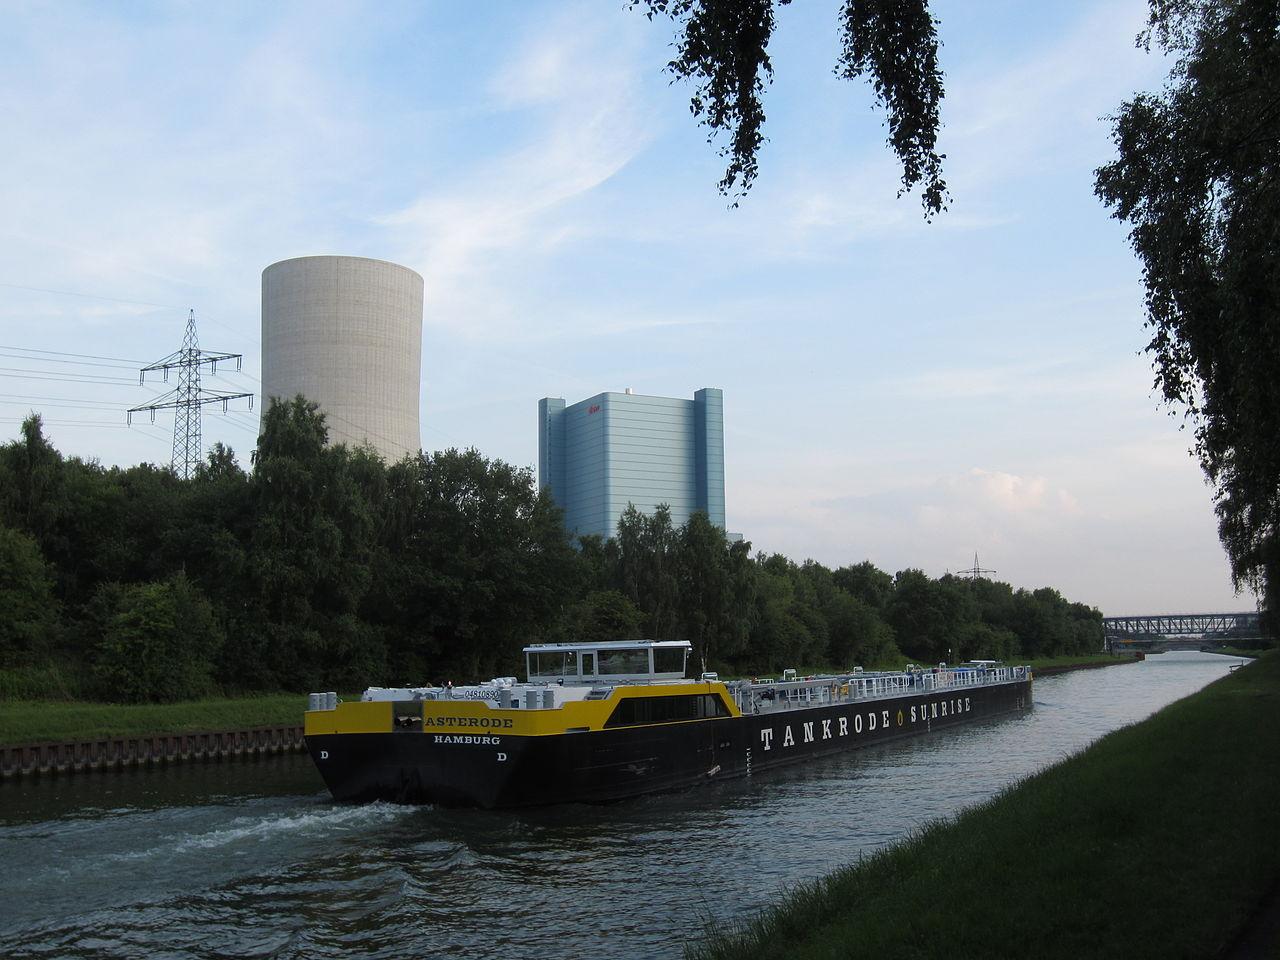 Kraftwerk Datteln IV Neubau mit Binnenschiff.JPG